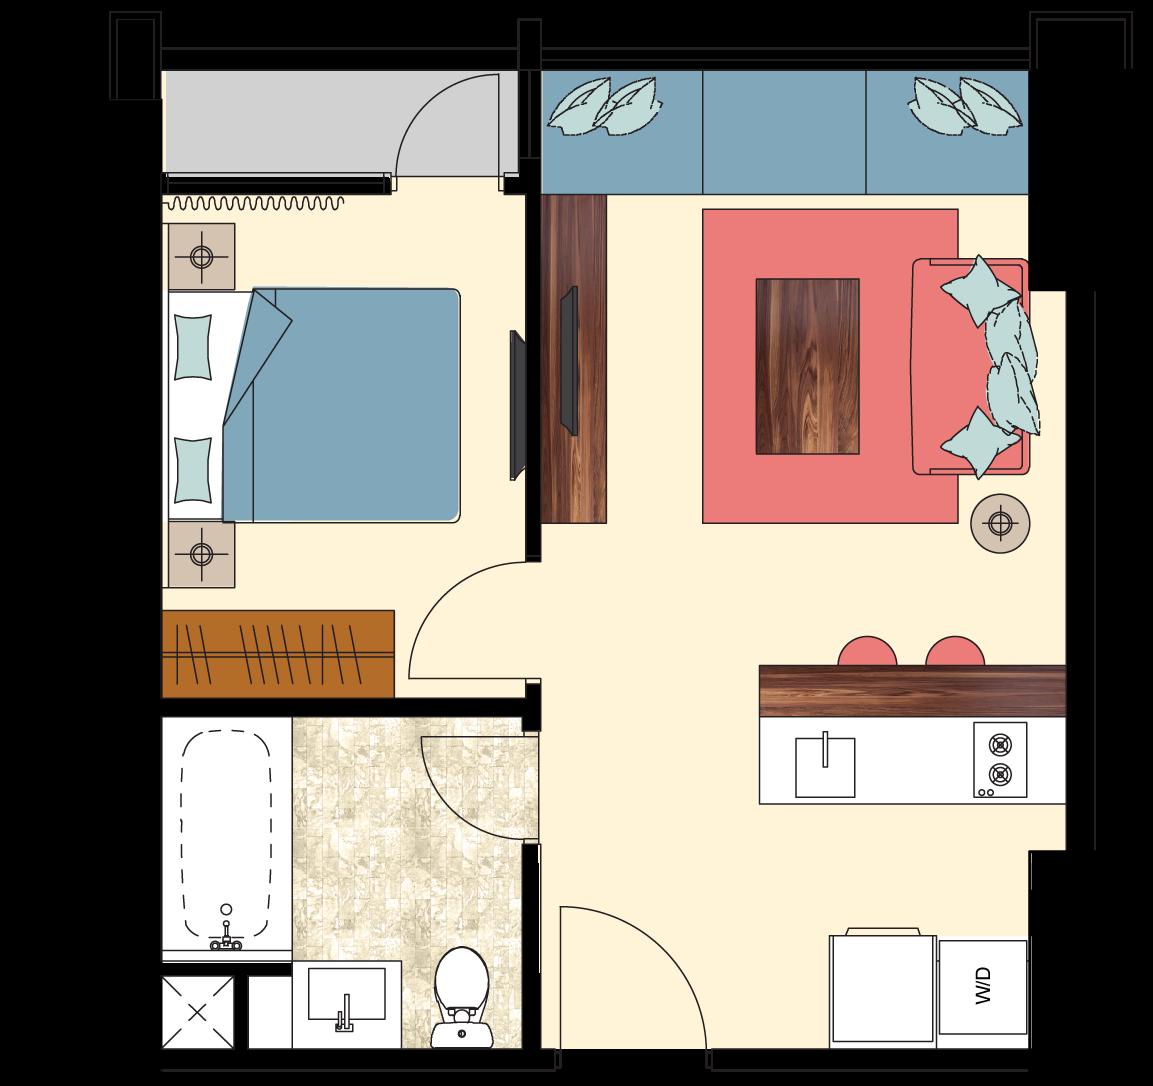 Pasadena-1-bedroom-type-N1-floorplan-only